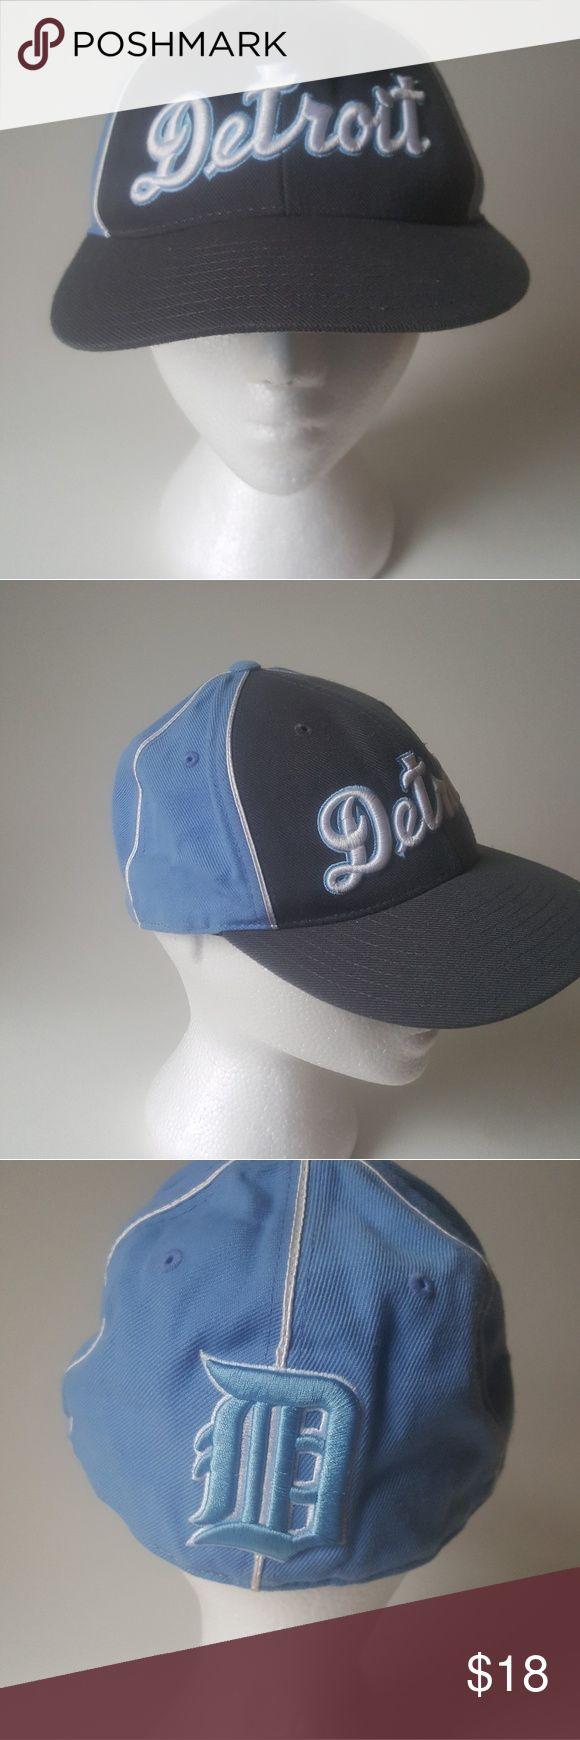 I just added this listing on Poshmark: Detroit baseball cap. #shopmycloset #poshmark #fashion #shopping #style #forsale #American Needle #Other